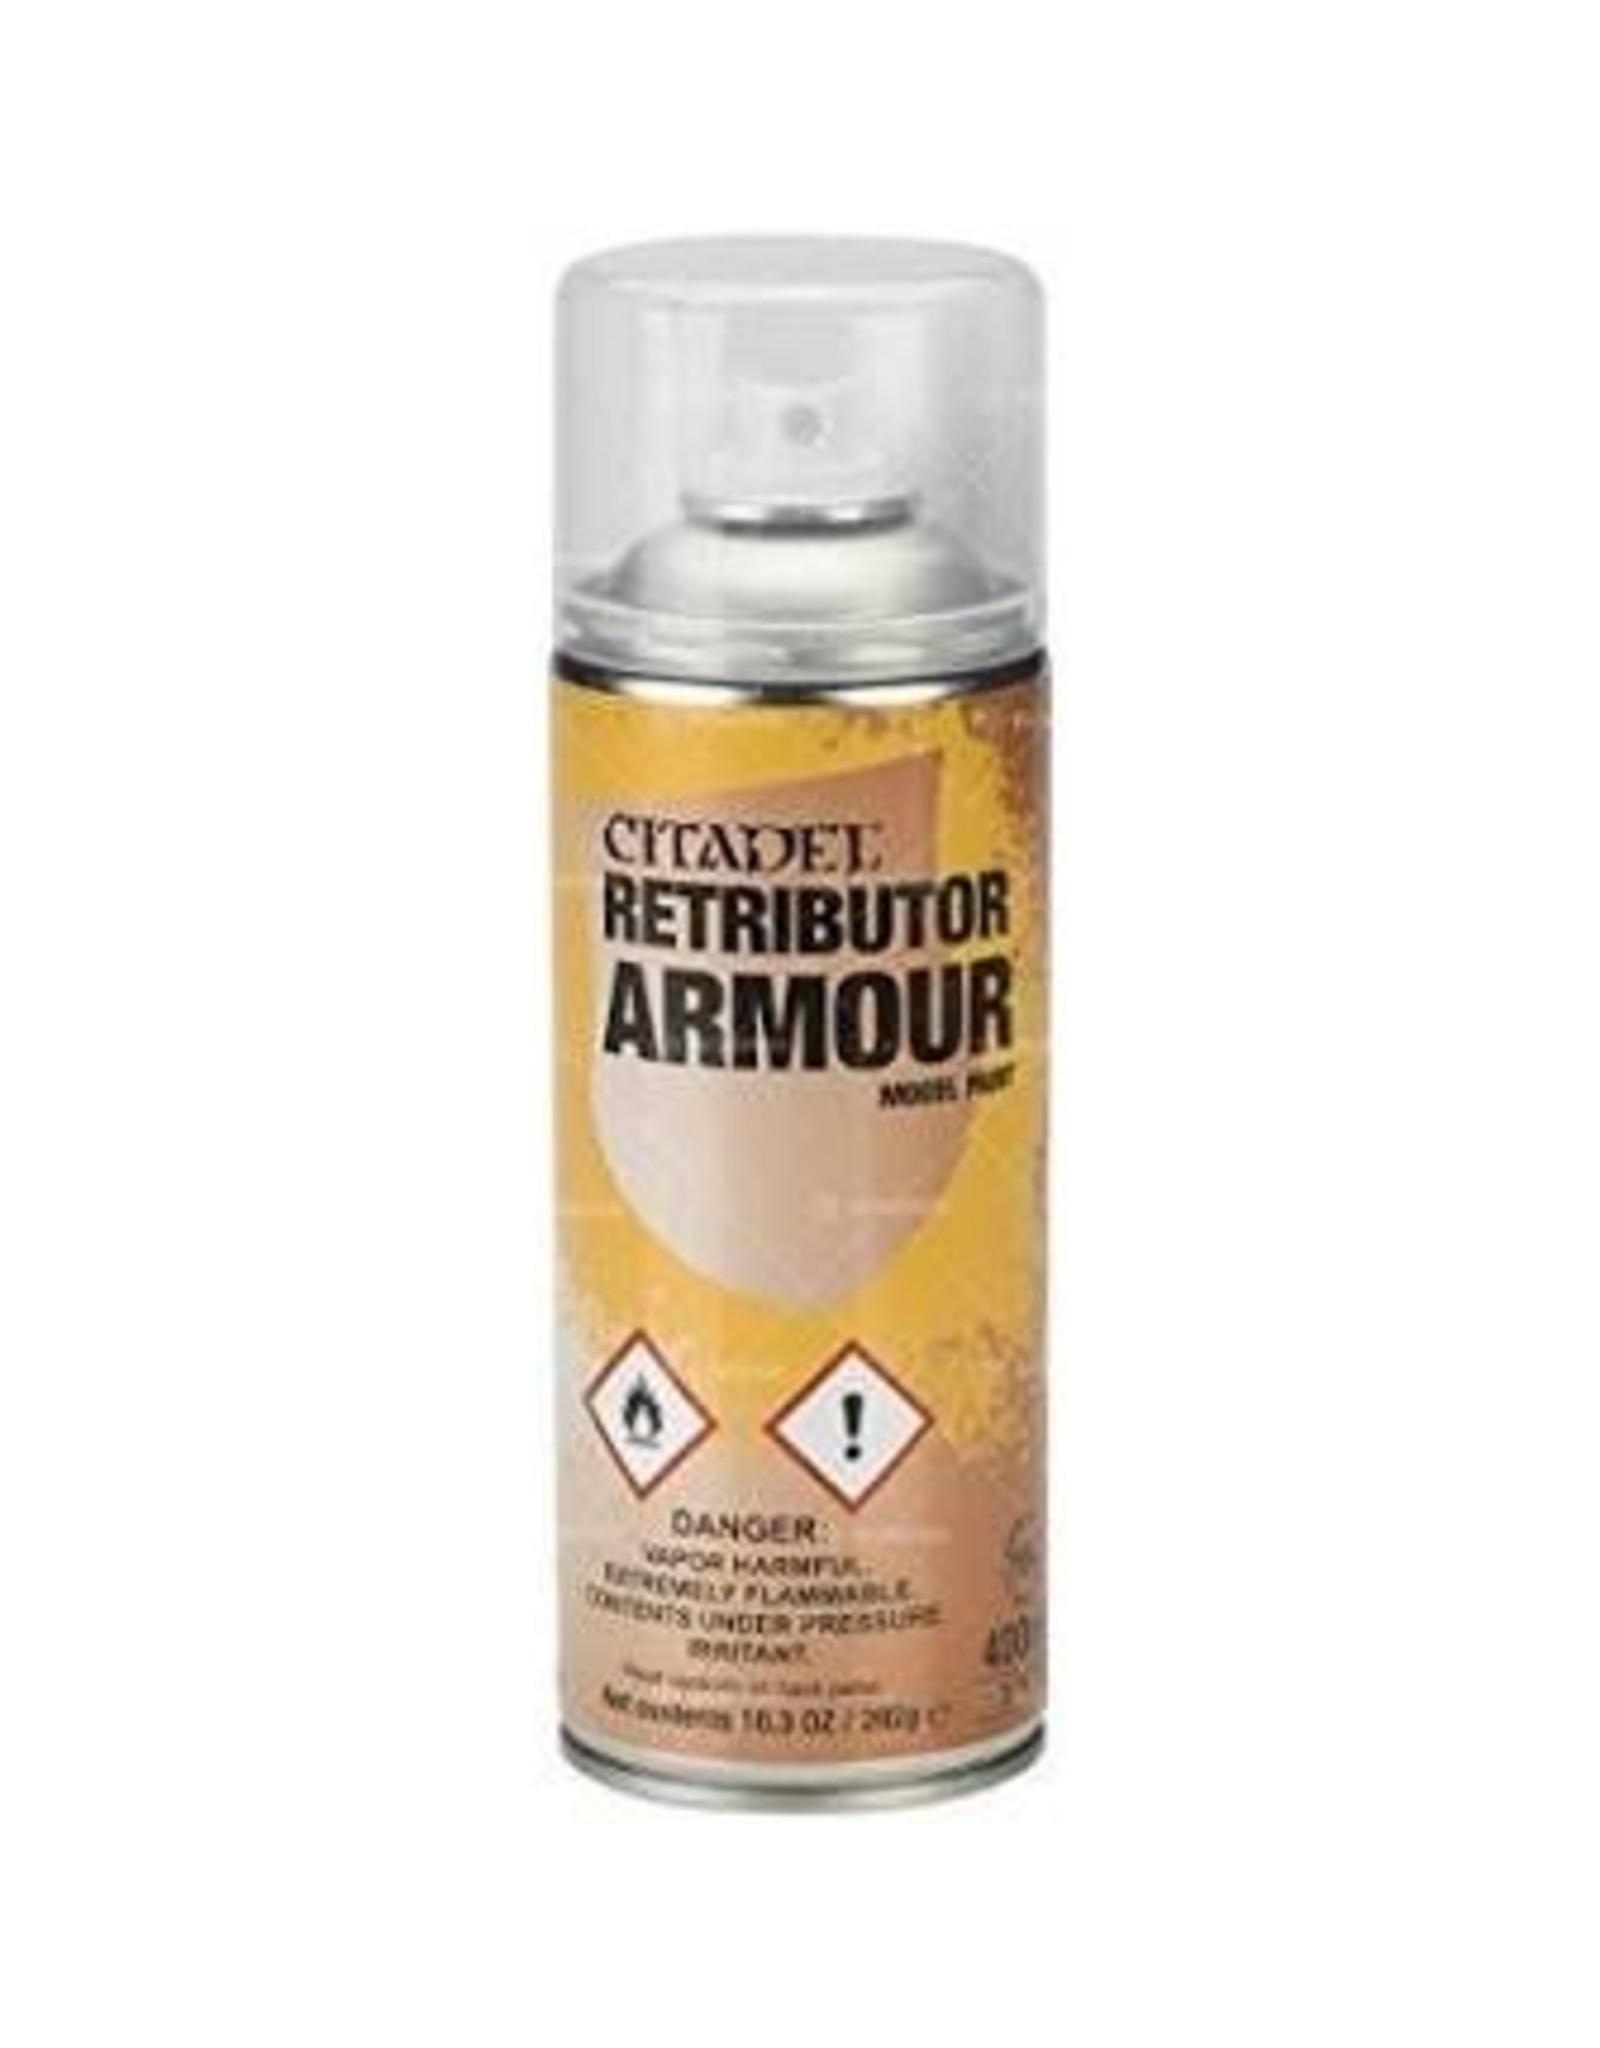 Citadel Citadel Paints: Spray - Retributor Armor